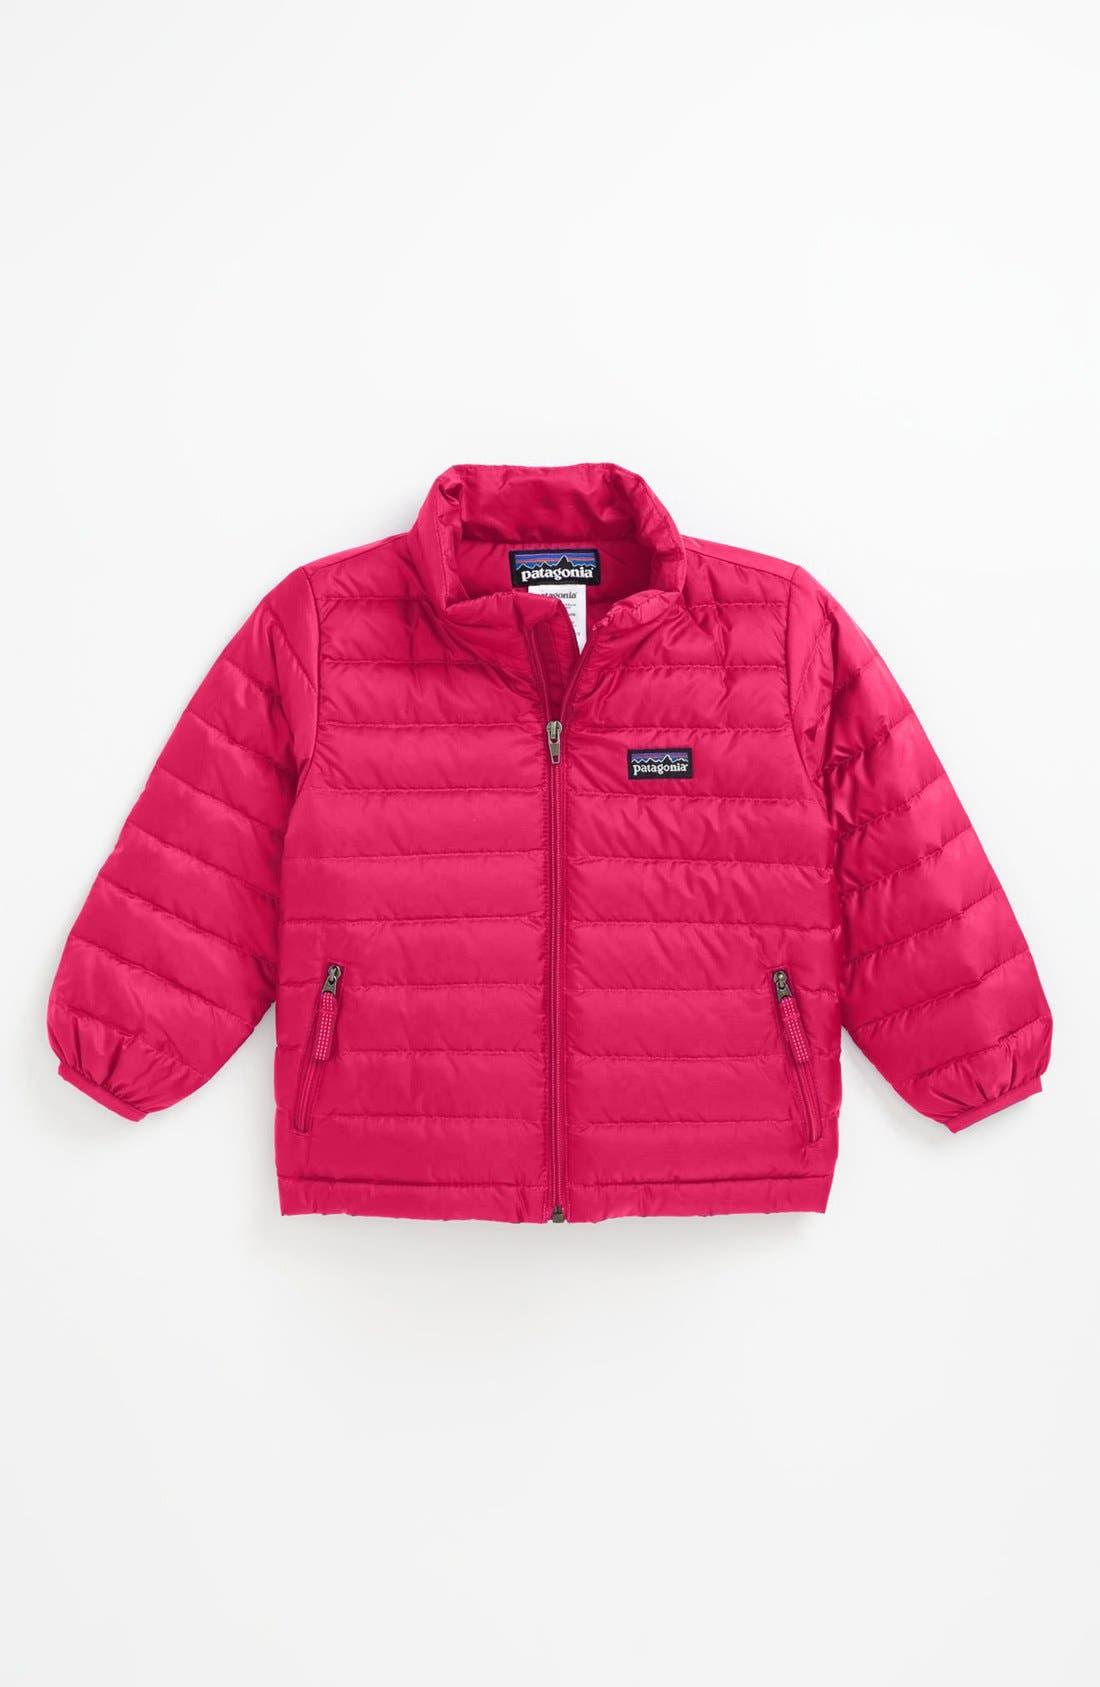 Main Image - Patagonia Down Sweater Jacket (Toddler Girls)